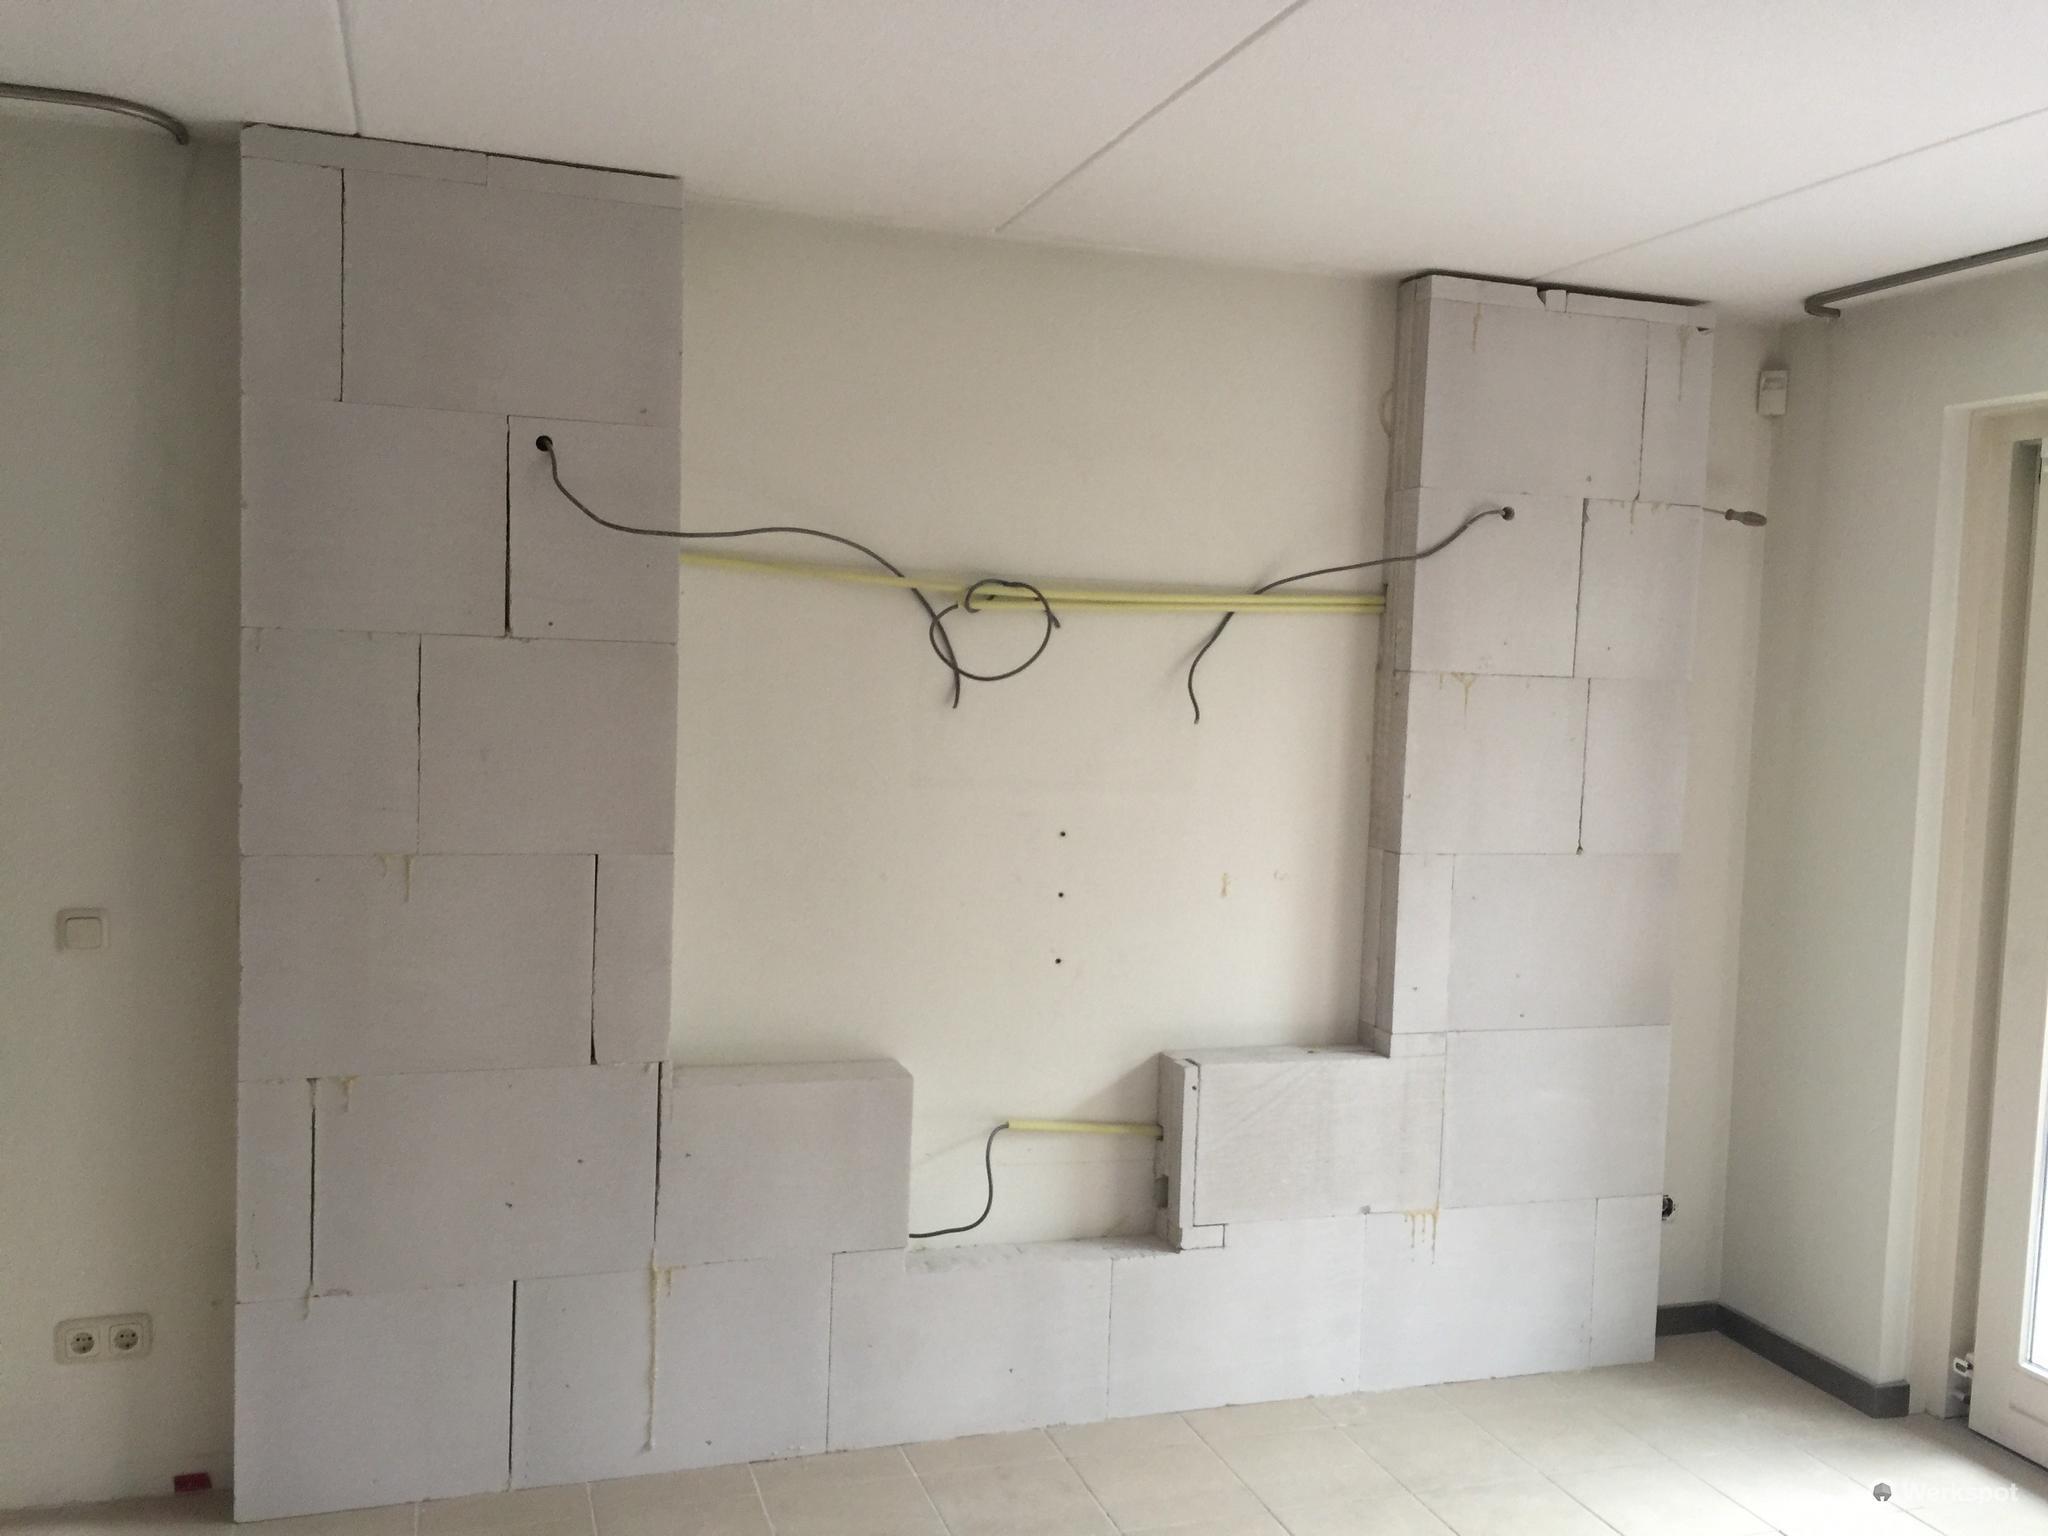 Gestucte Muur Badkamer : Binnenwand badkamer stucen van ca m binnenwand spijkenisse